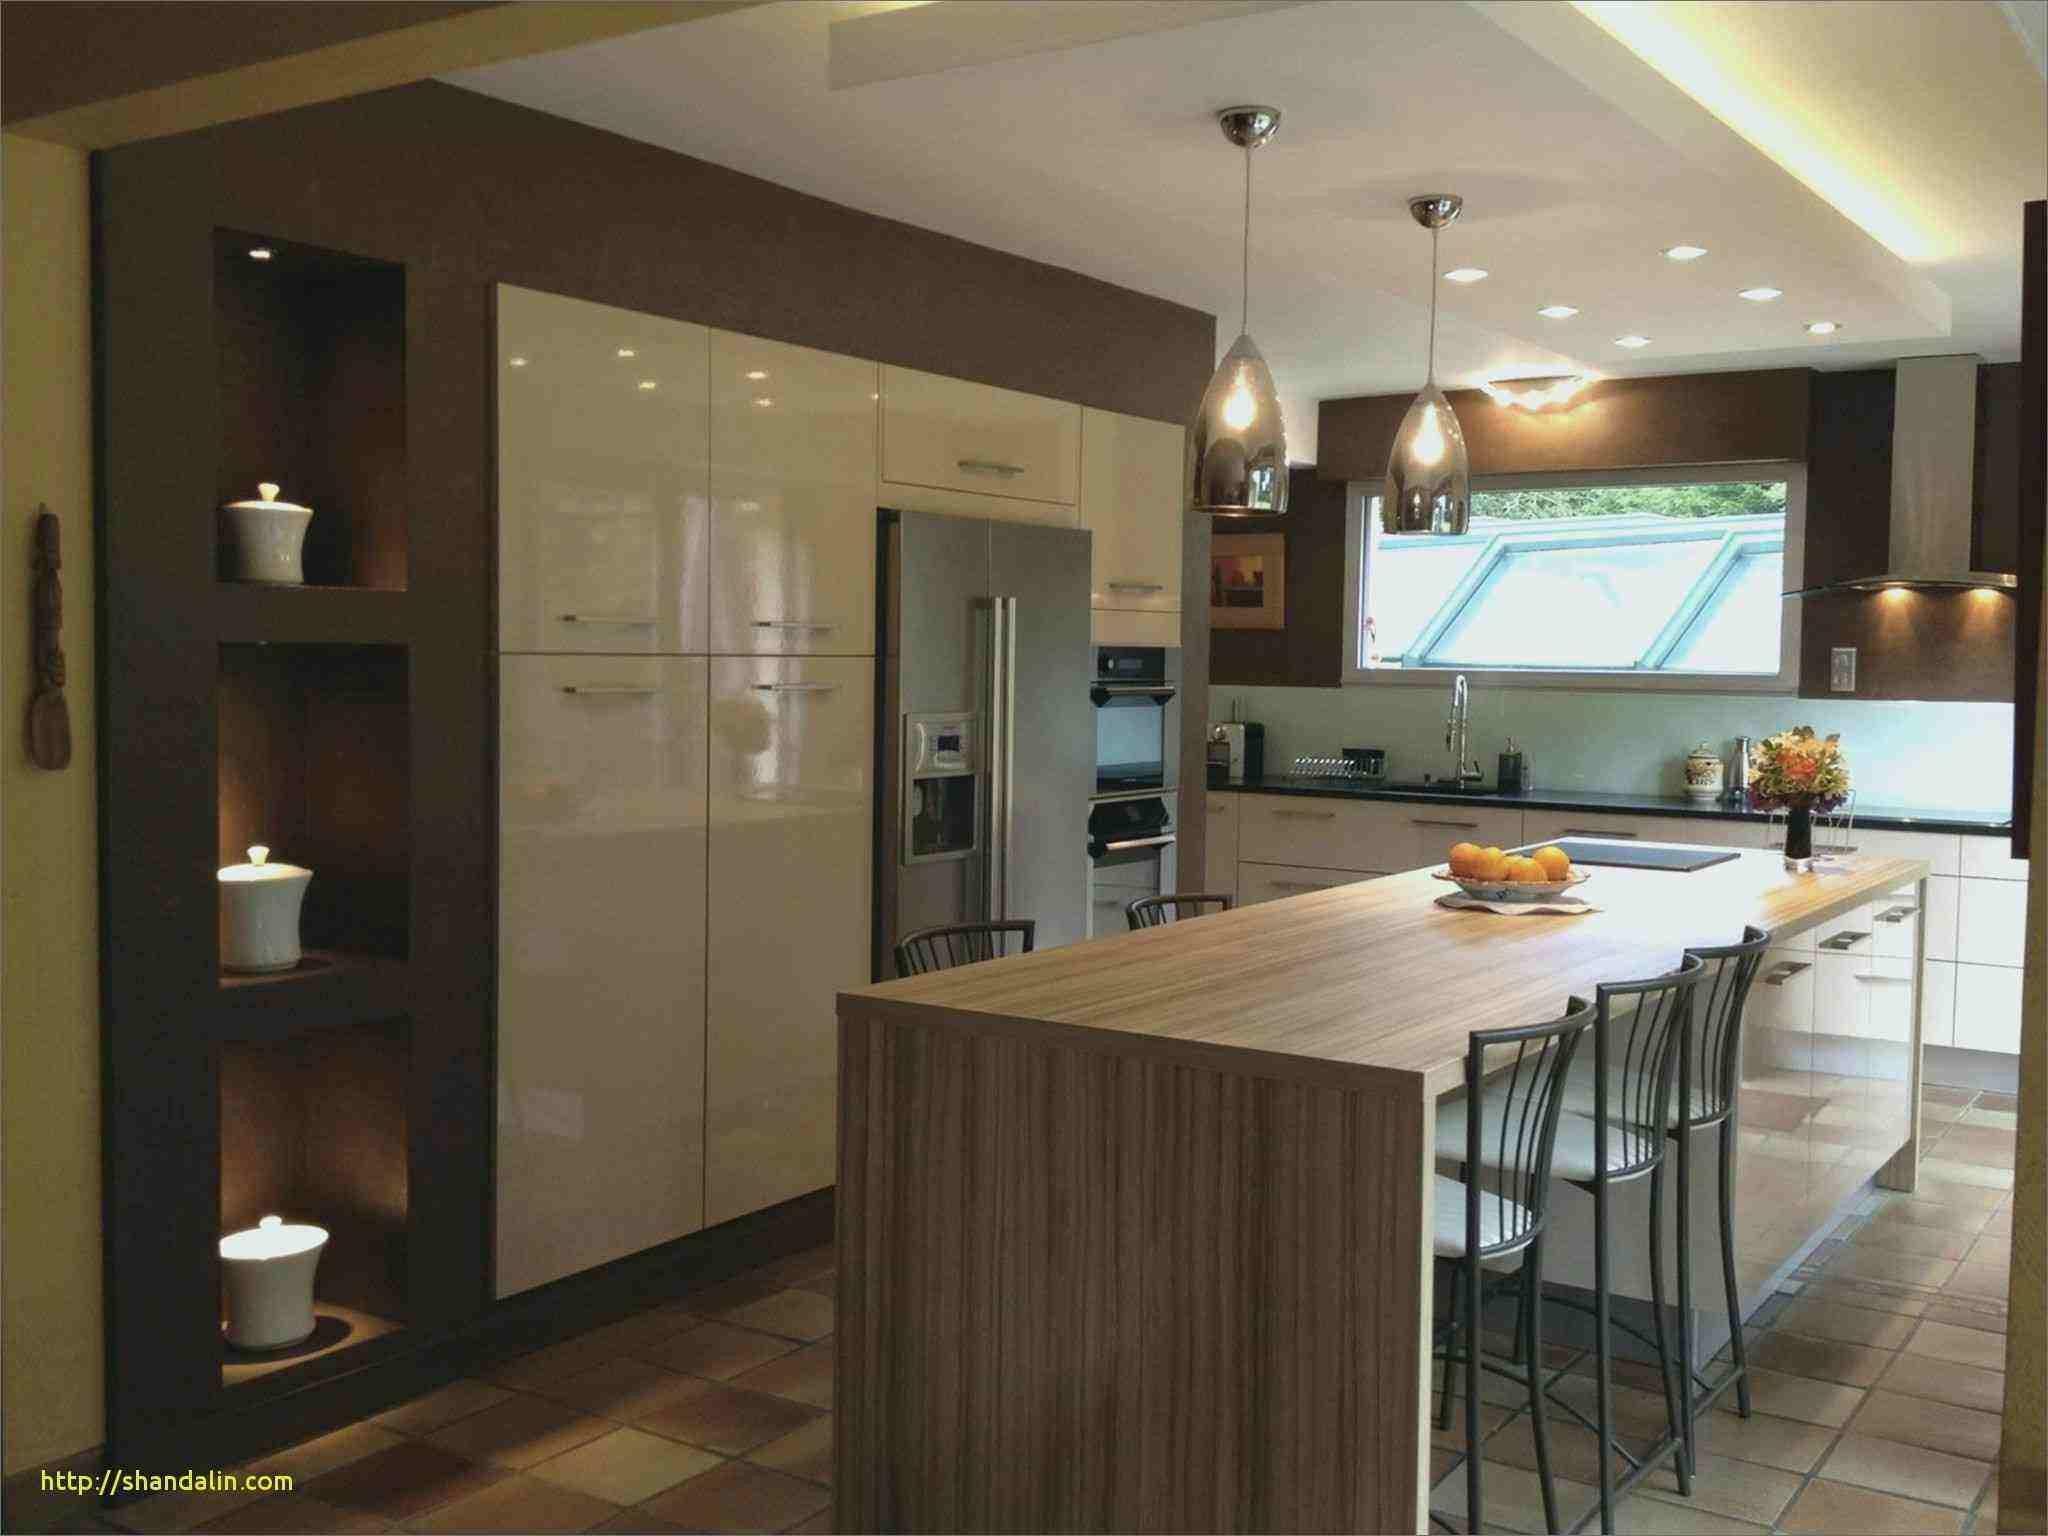 Inspirational Avis Cuisine Aviva Home Decor Central Kitchen Cuisine Design